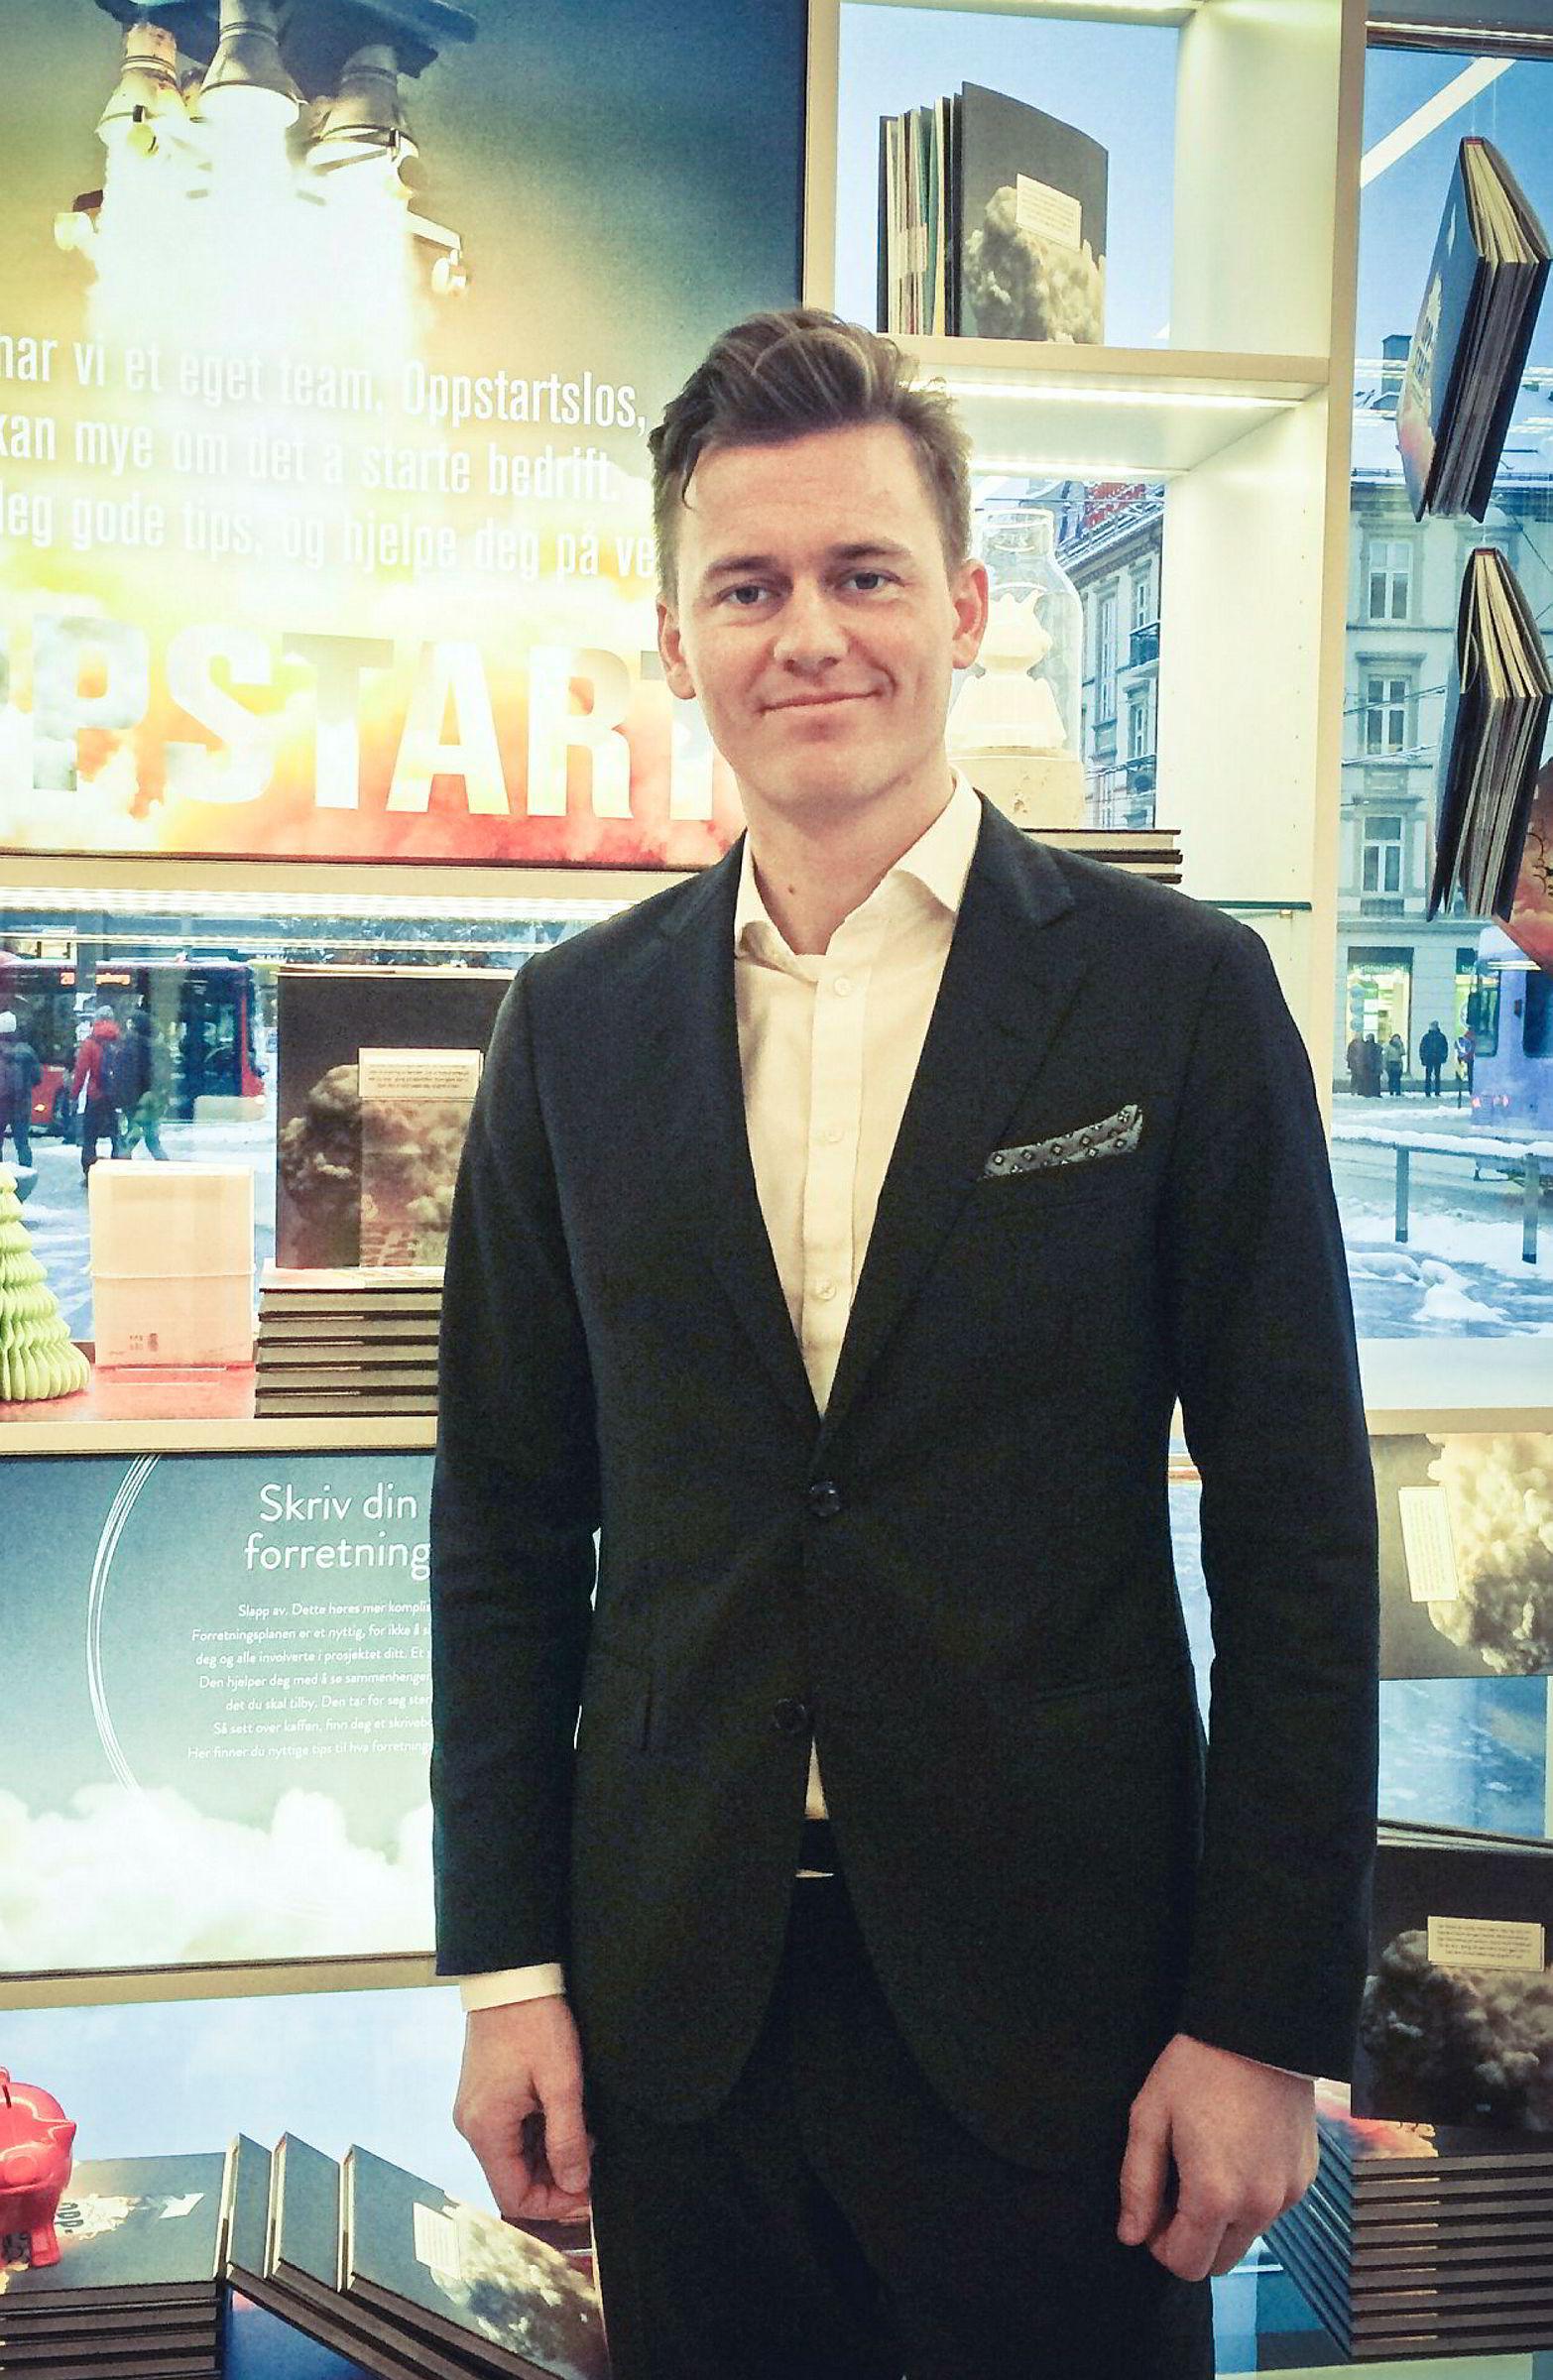 Kristoffer L. Tessem er en av flere kunder som bestilte varer hos Habitat uten å motta varene.